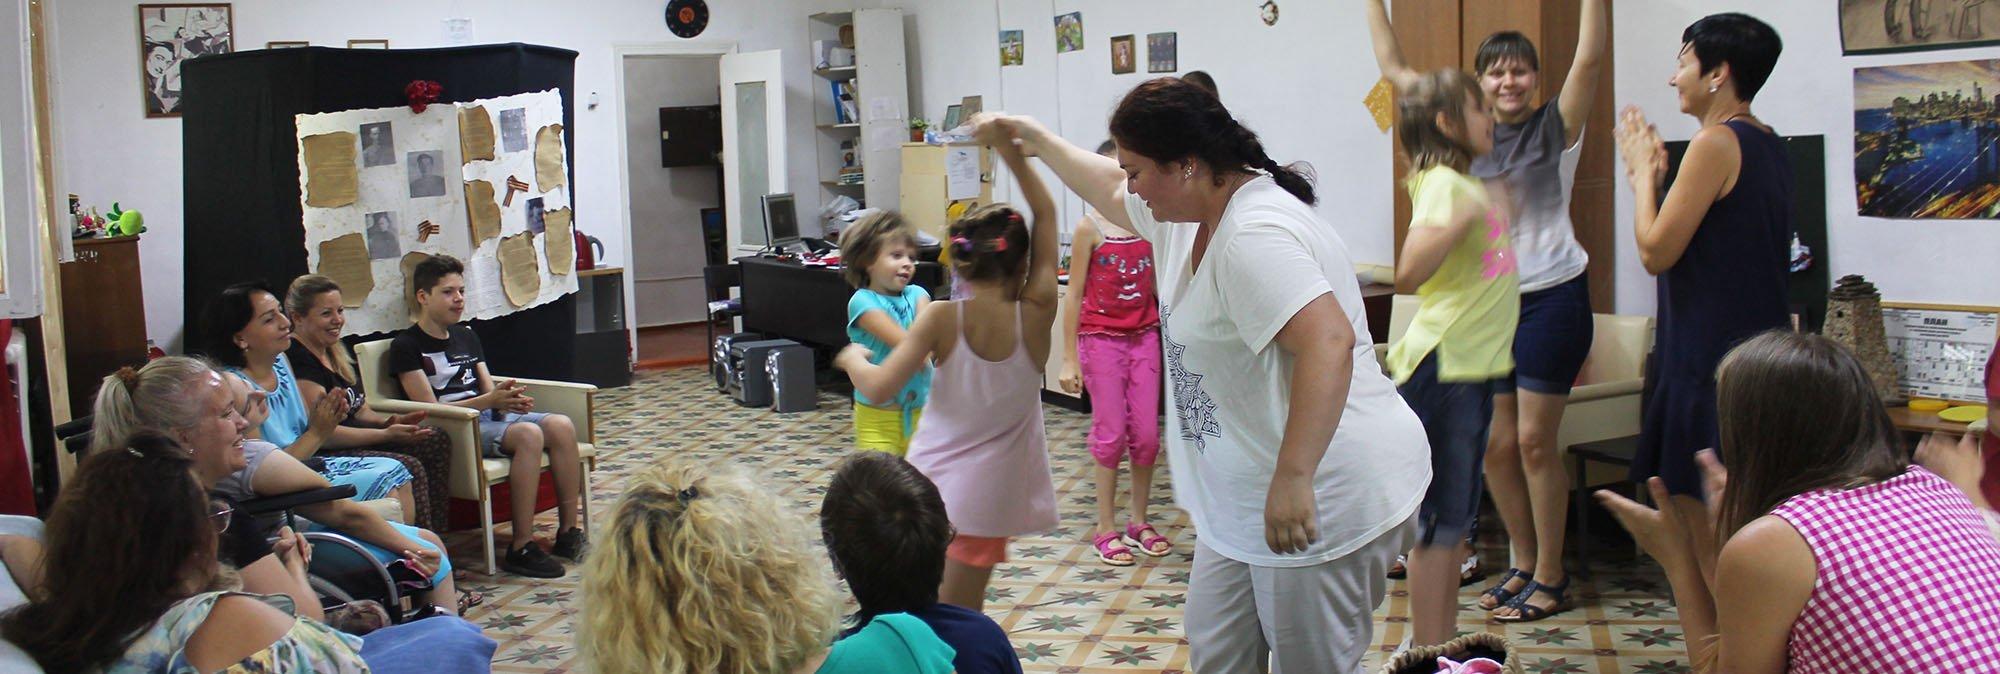 5 июля в больнице завершилась работа летнего семейного лагеря